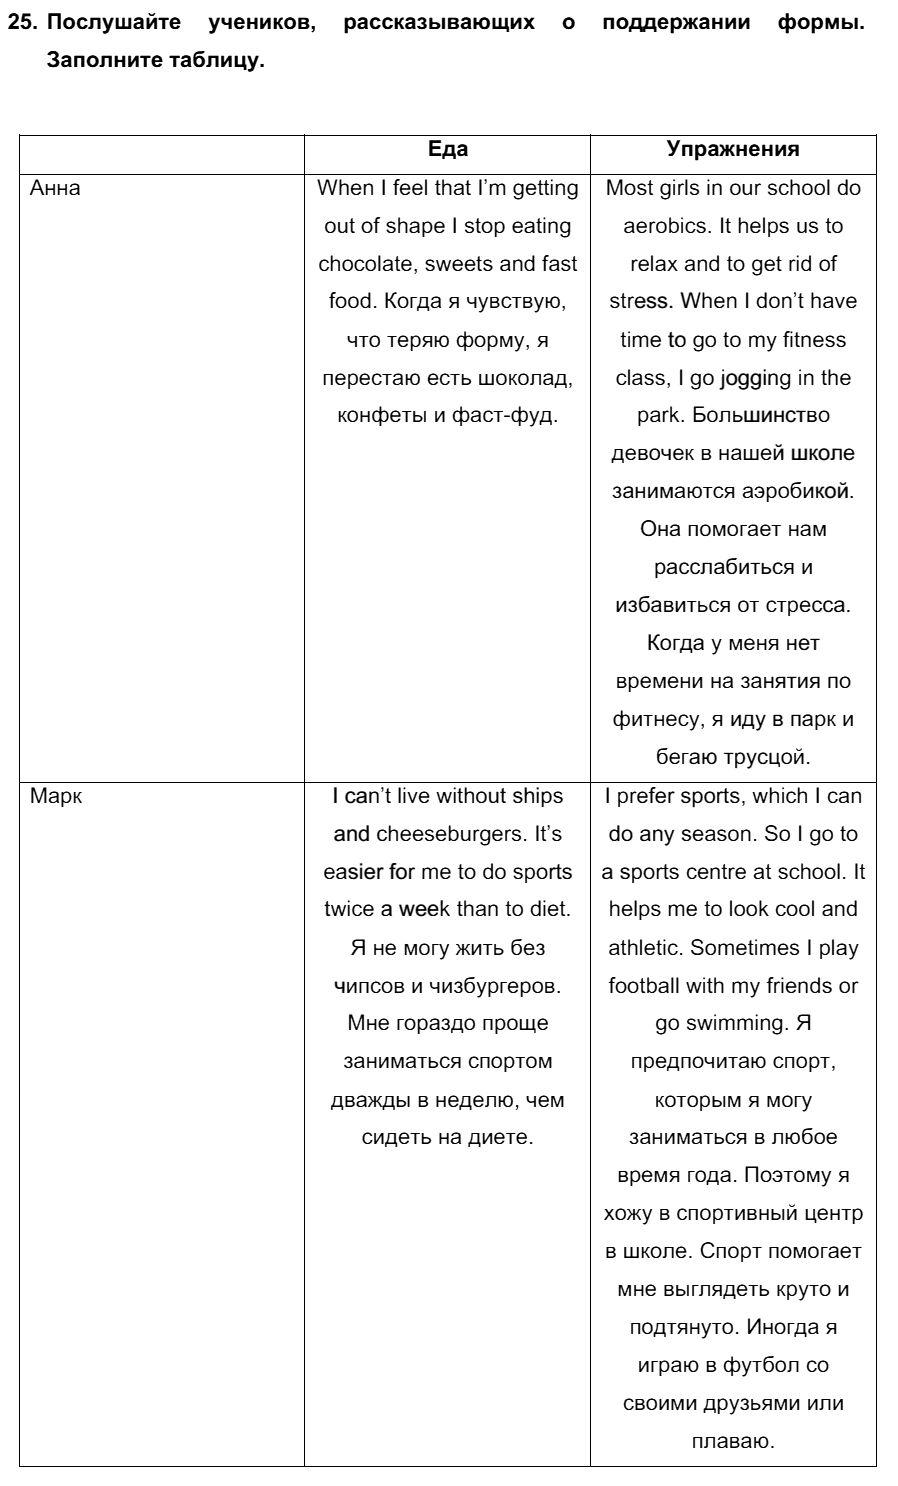 Английский язык 7 класс Биболетова М. З. Unit 4. Спорт - это весело / Разделы 1-4: 25